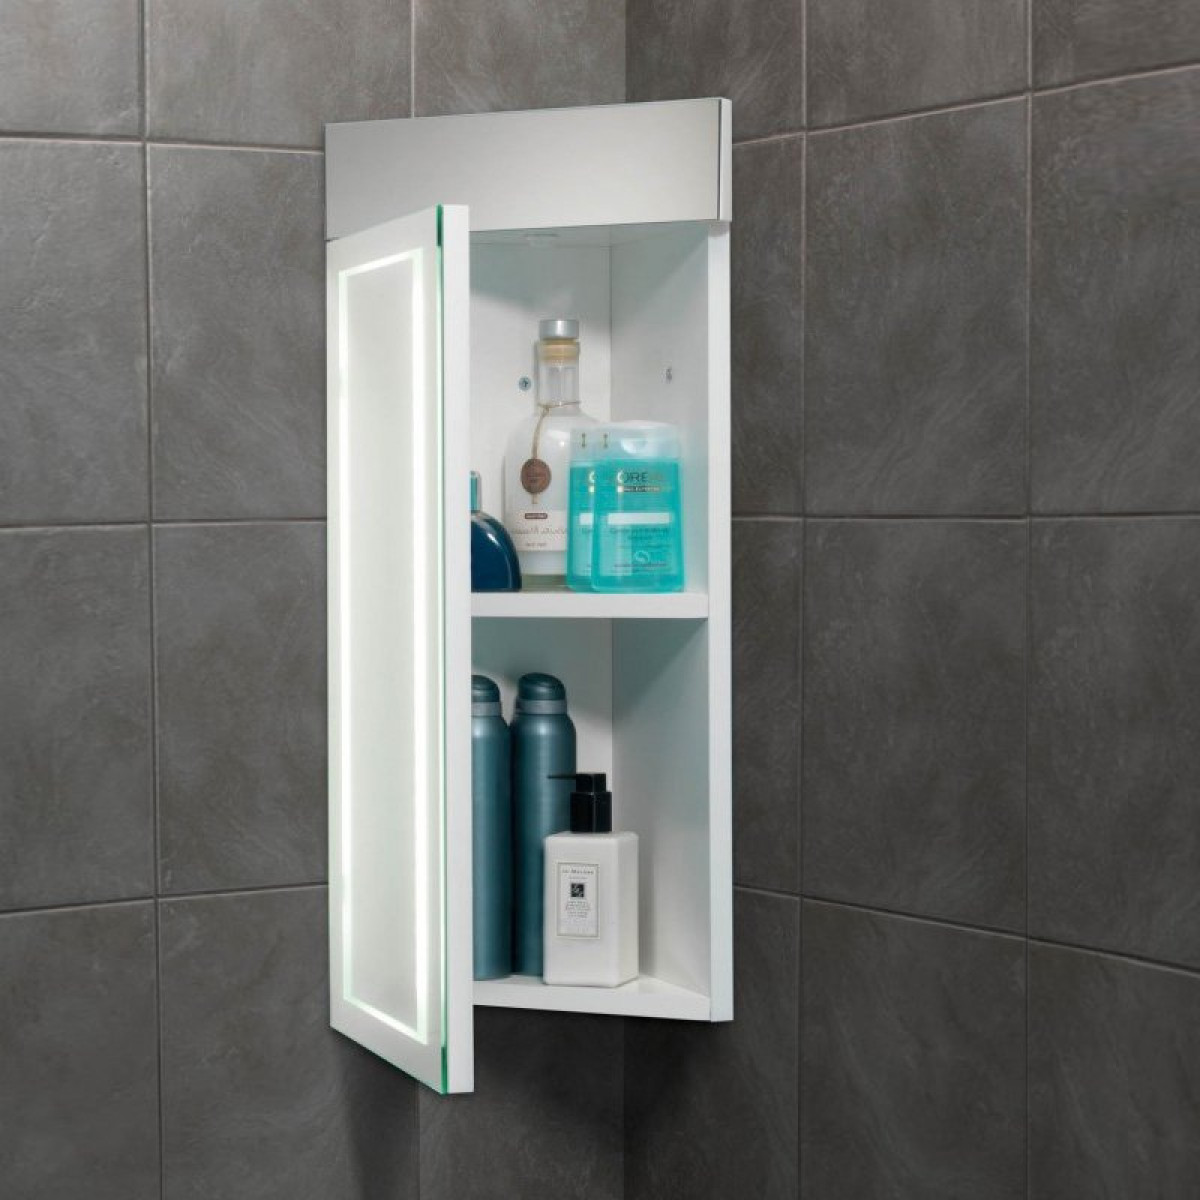 hib minnesota led illuminated corner cabinet 9102100 -